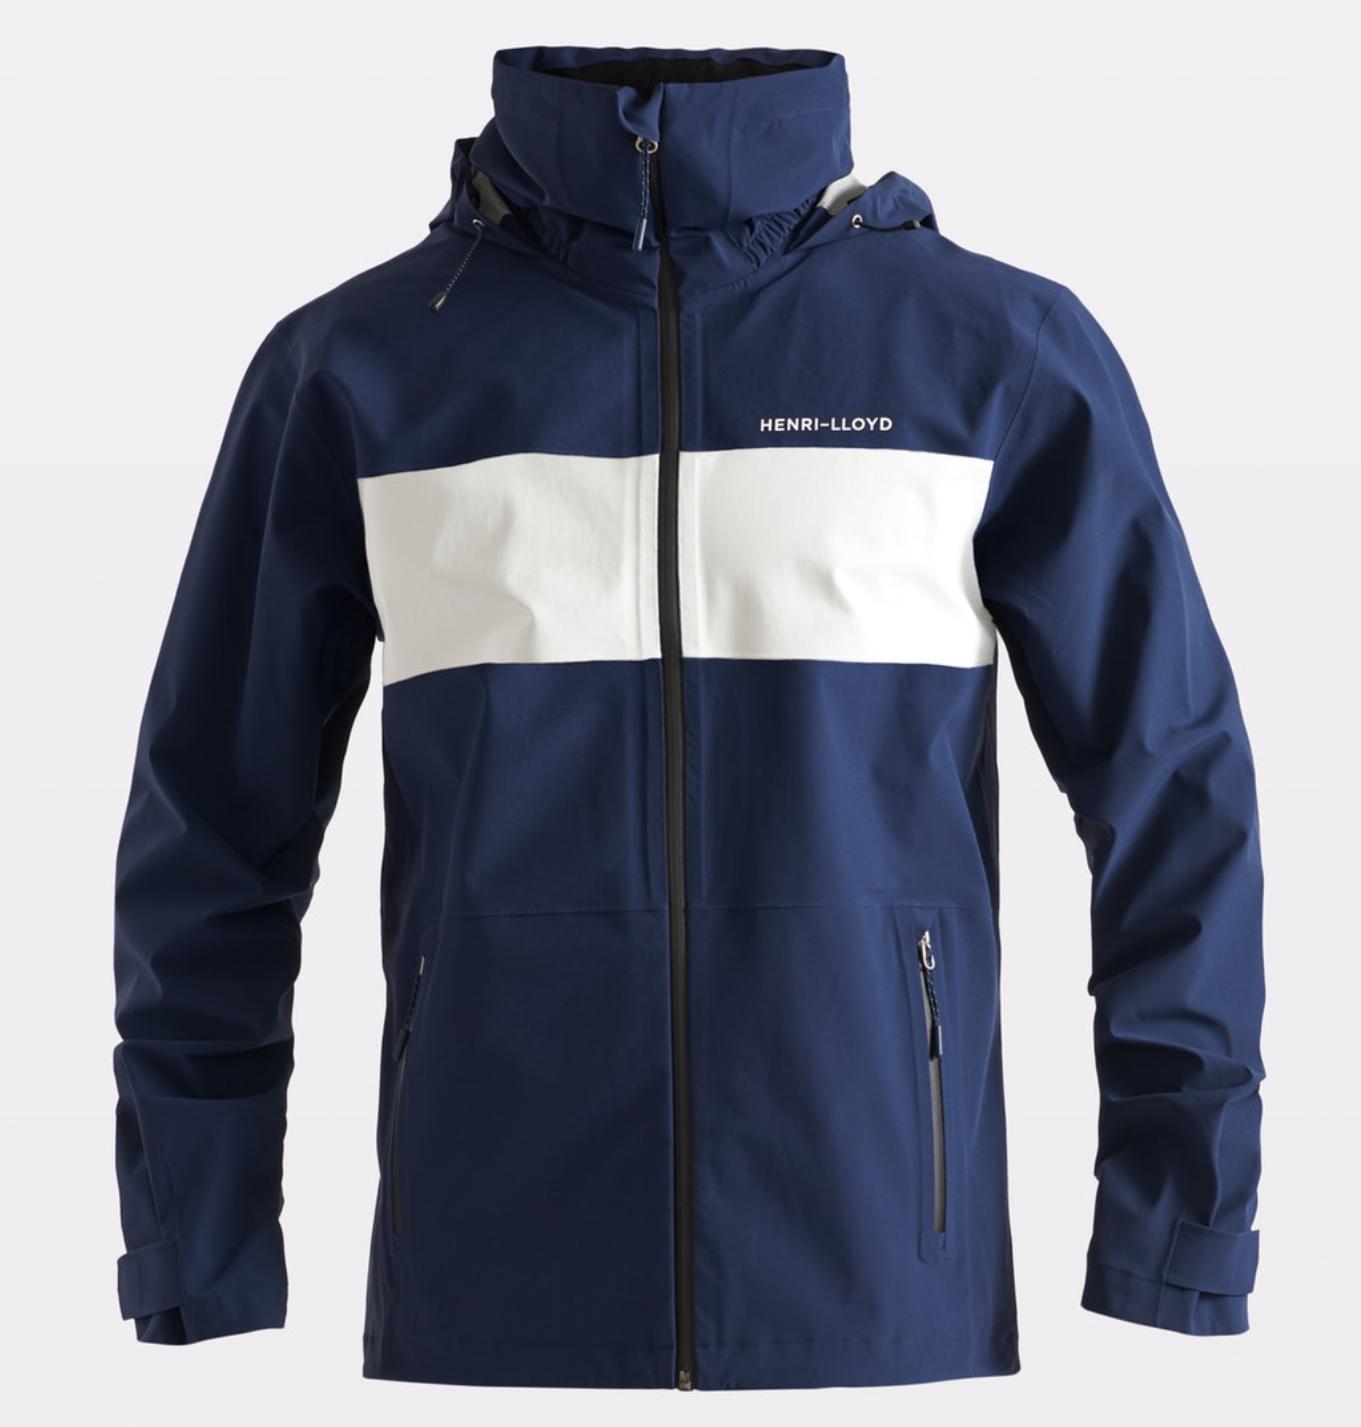 Henri-Lloyd M-course Jacket 2.5L Navy Blue Block Size M